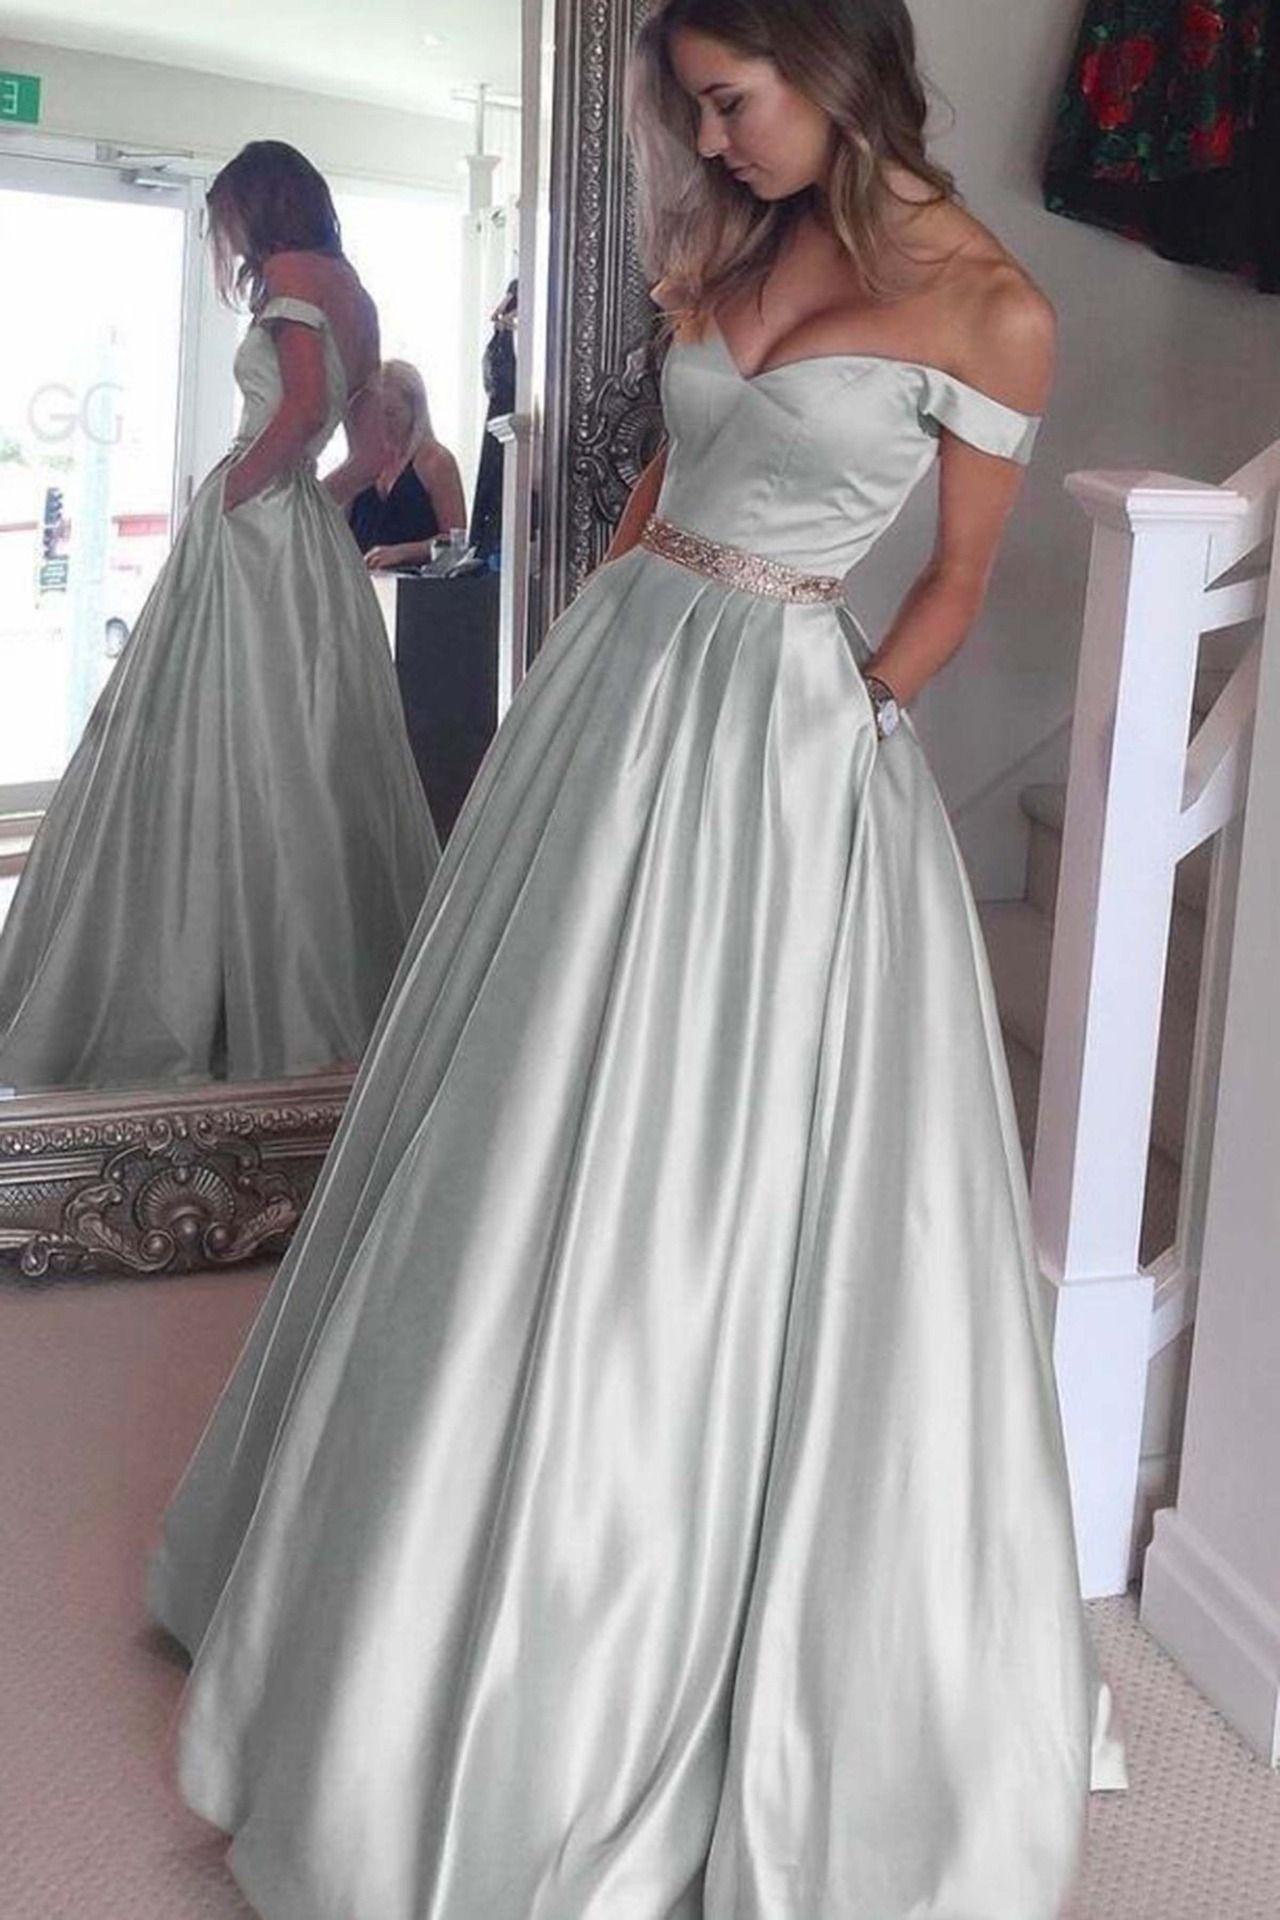 7b4b3f7ce368a Light blue satin prom dress